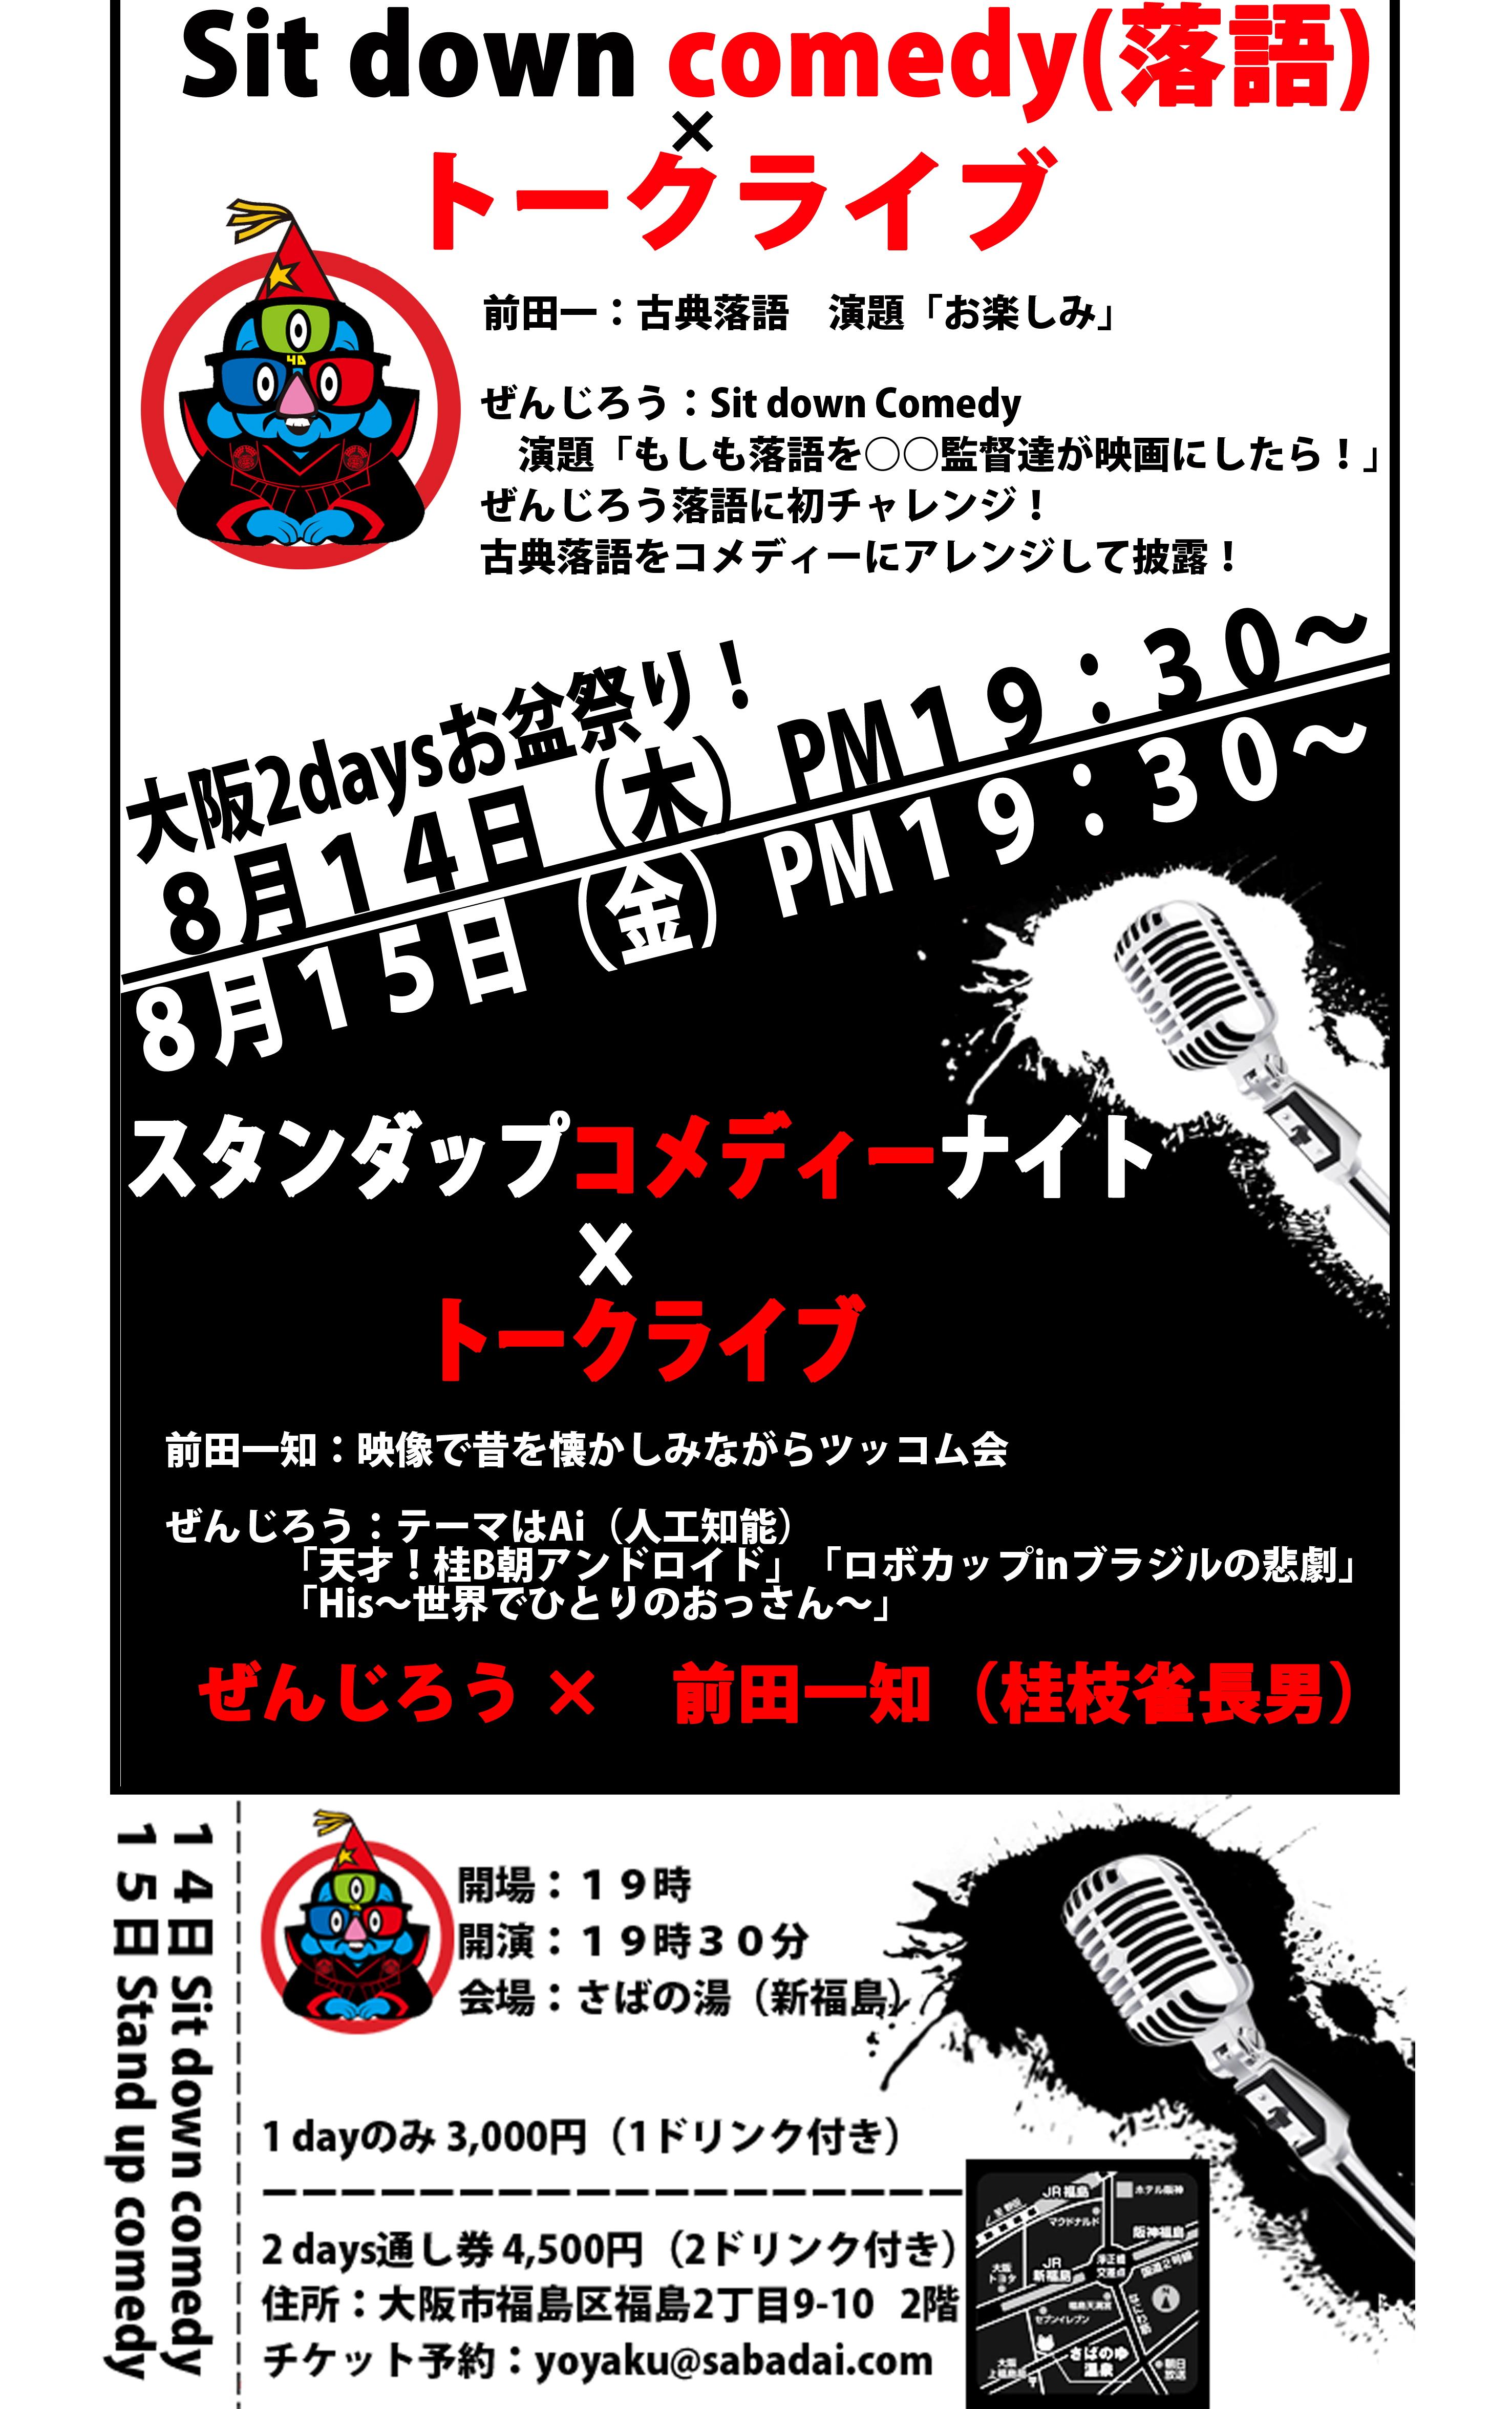 大阪2days 8月 2014.jpg